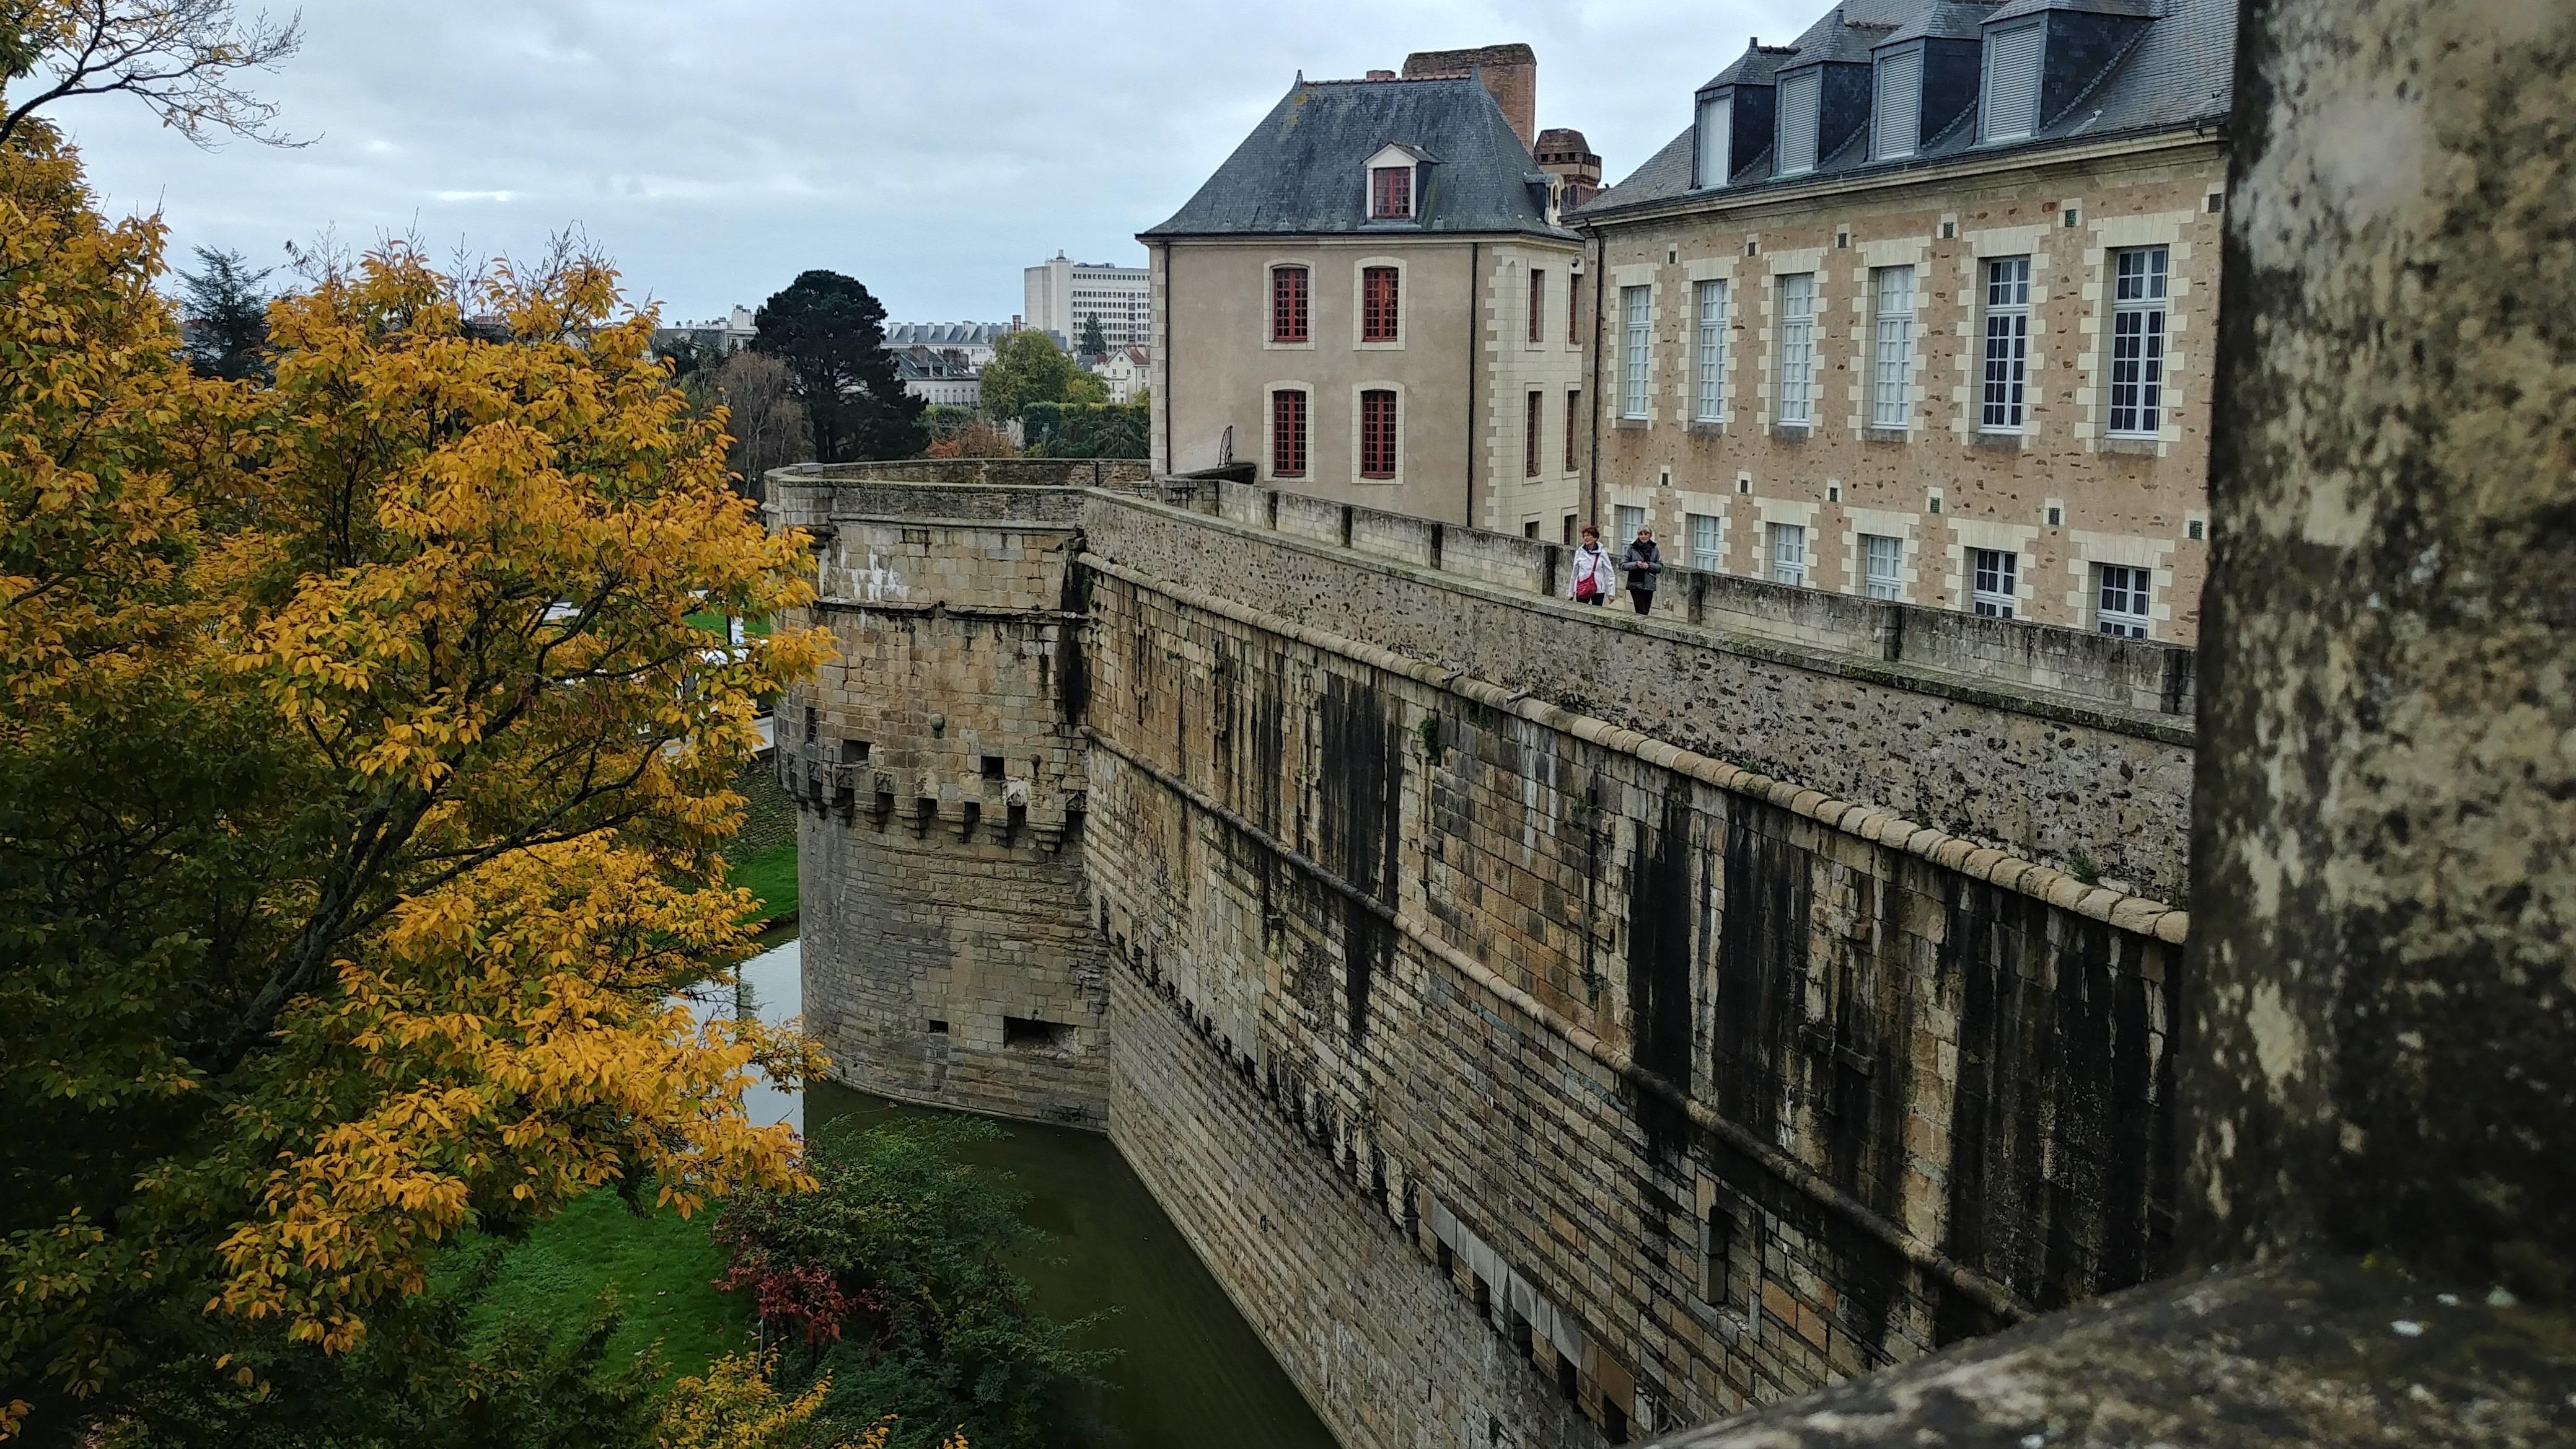 Nantes visite automne chateau bretagne blog voyage arpenter le chemin